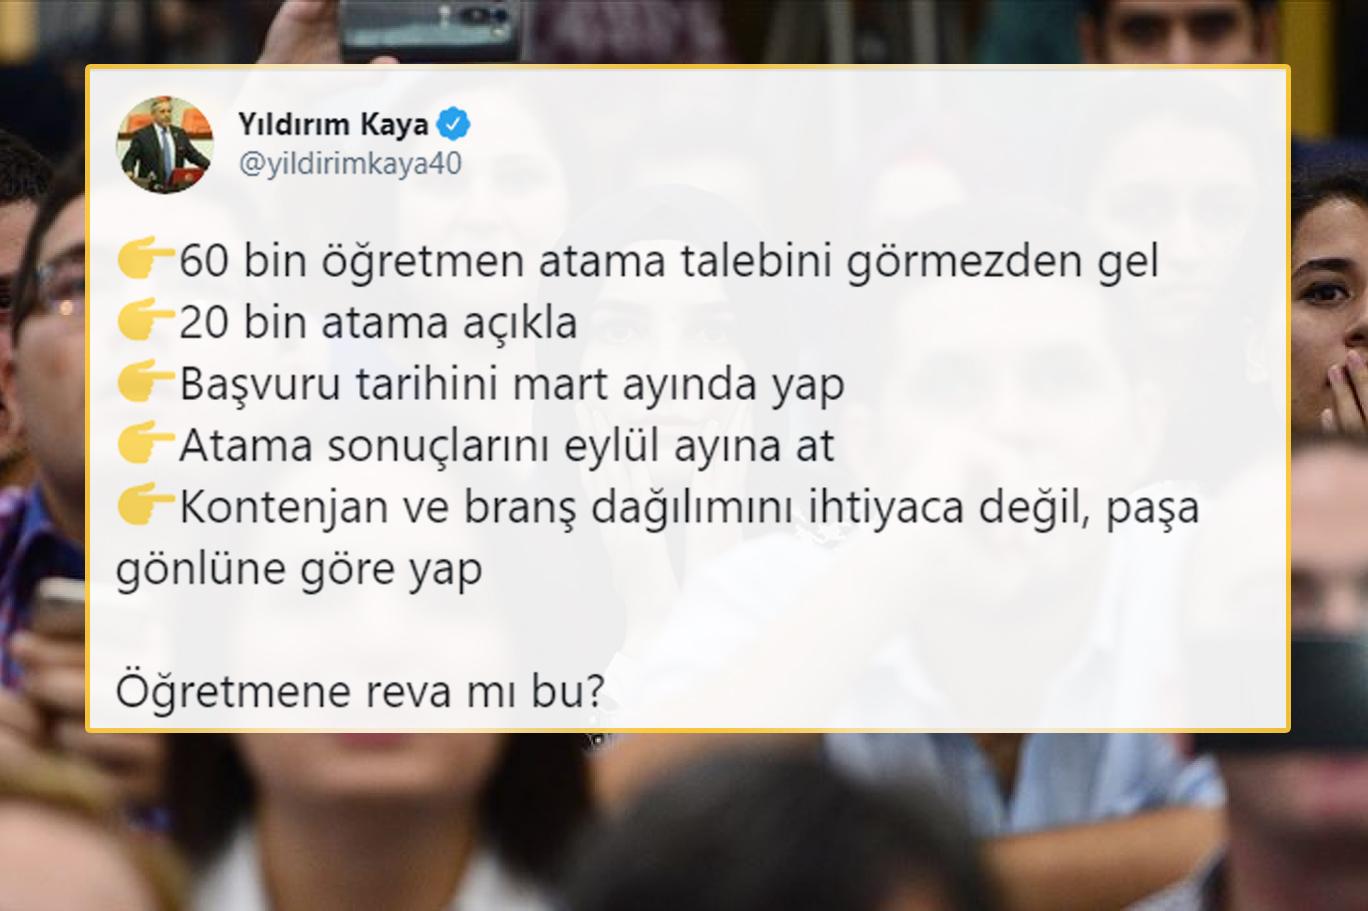 MEB'in Yapacağı Atama ve Kontenjan Dağılımı Kimseyi Memnun Etmedi: 'Öğretmene Reva mı Bu?'